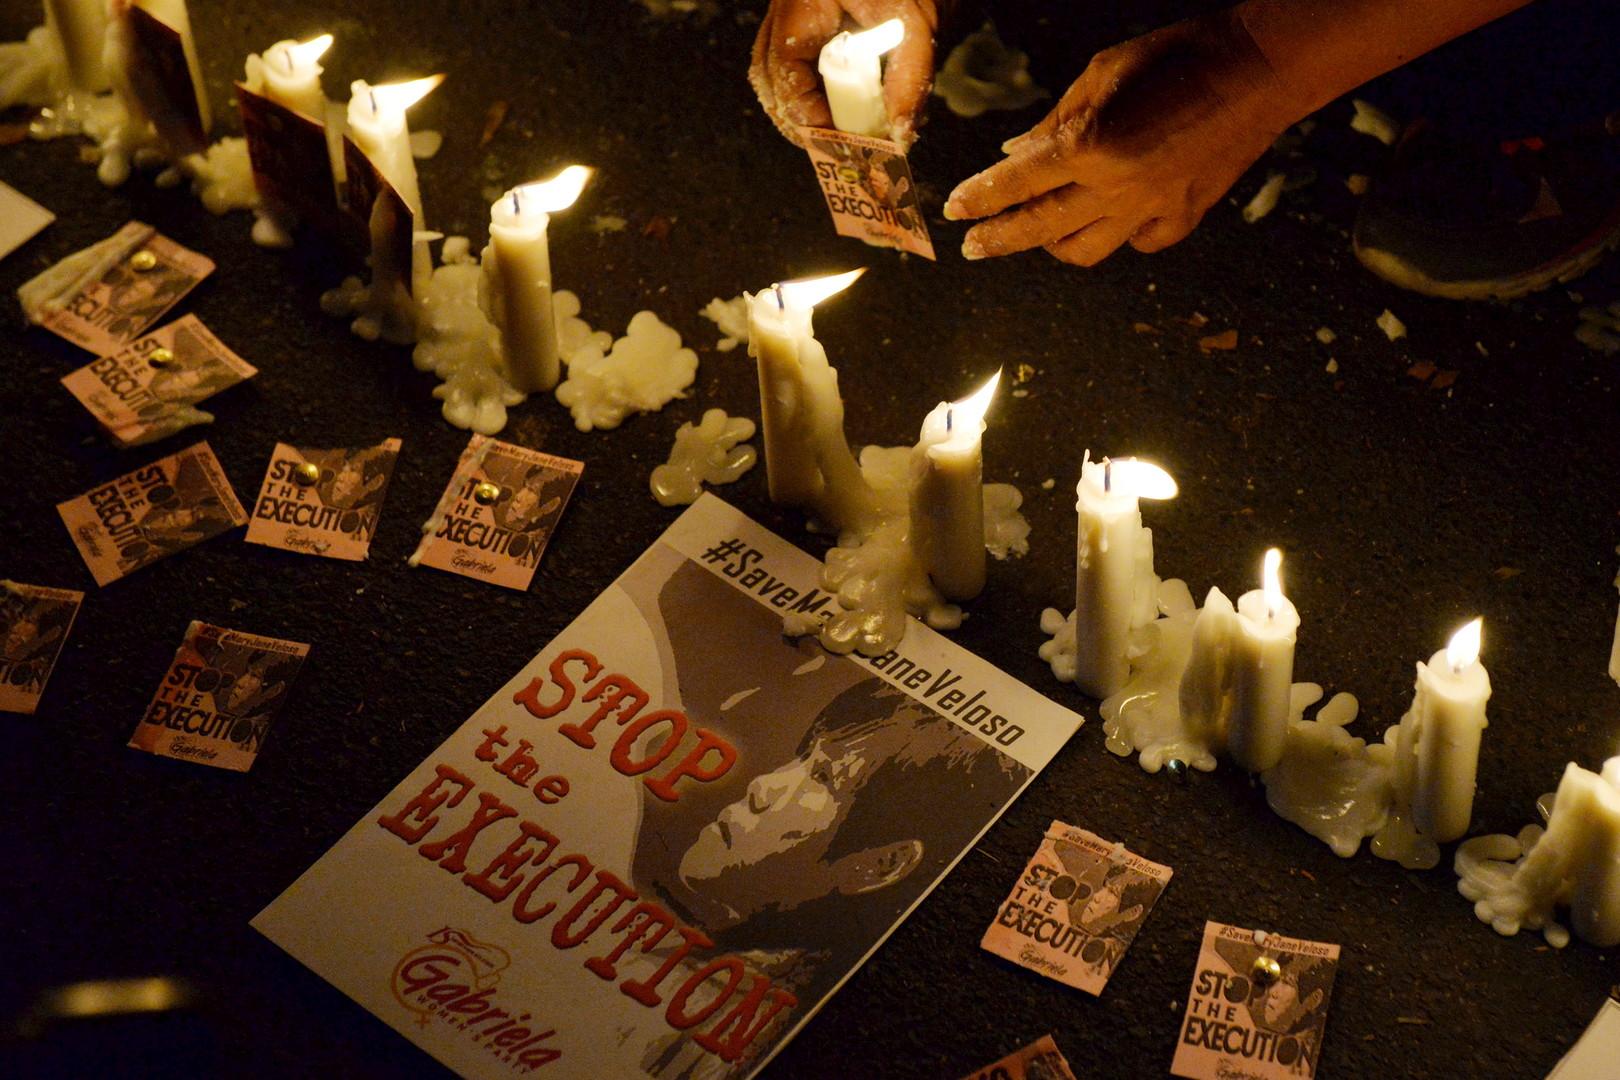 Une veillée de chandelle organisée par les activistes pour l'accusée Mary Jane Veloso